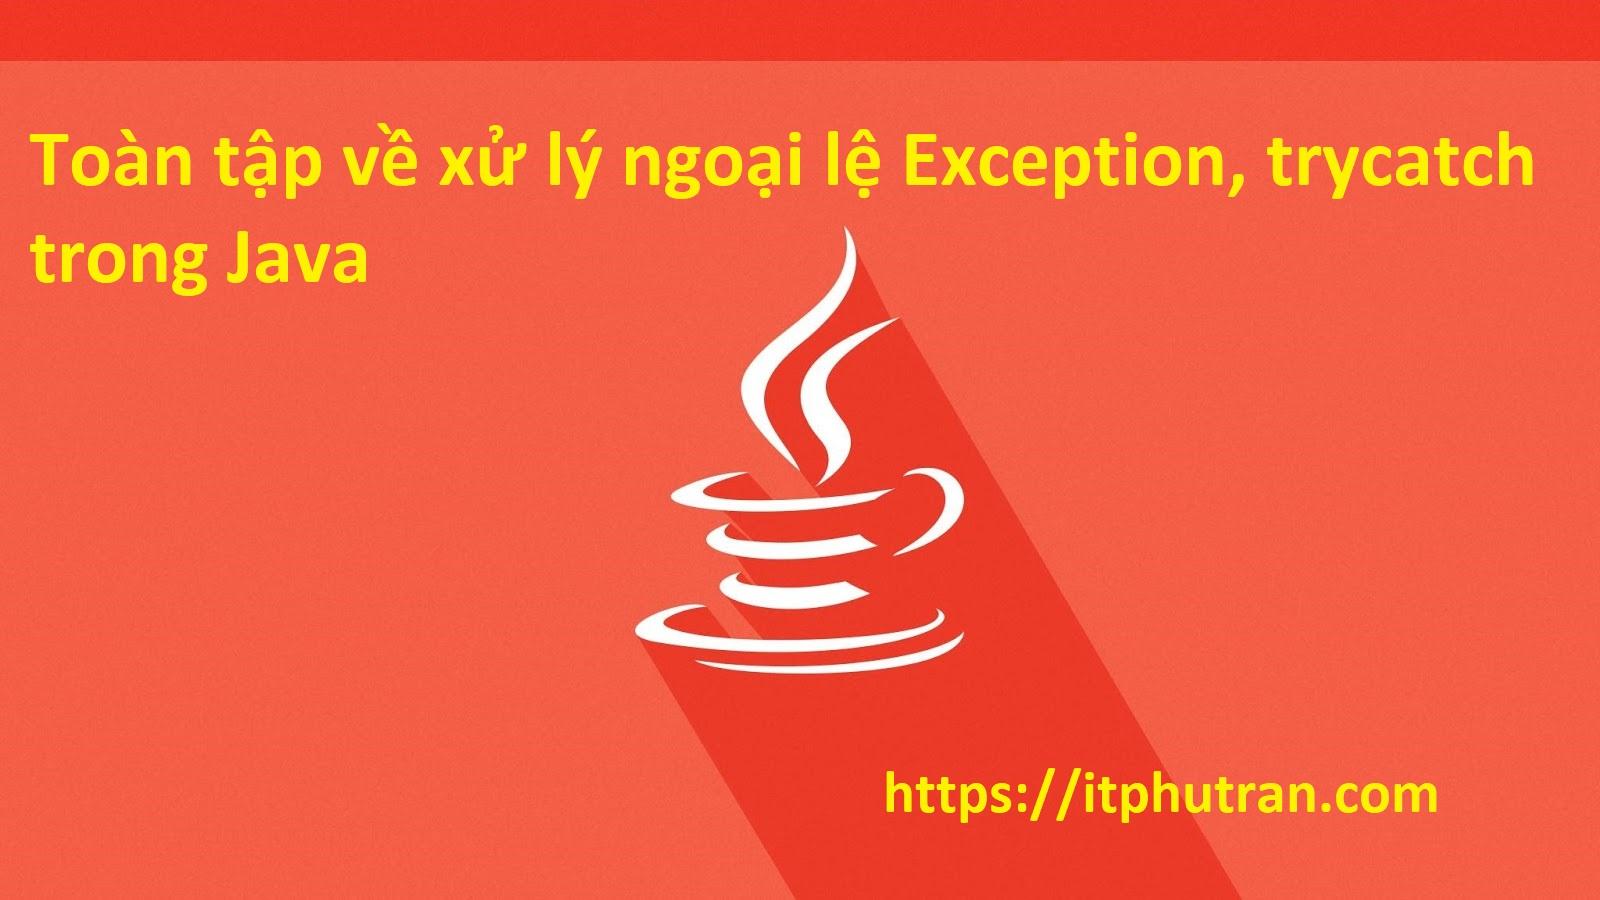 Toàn tập về xử lý ngoại lệ Exception, trycatch trong Java